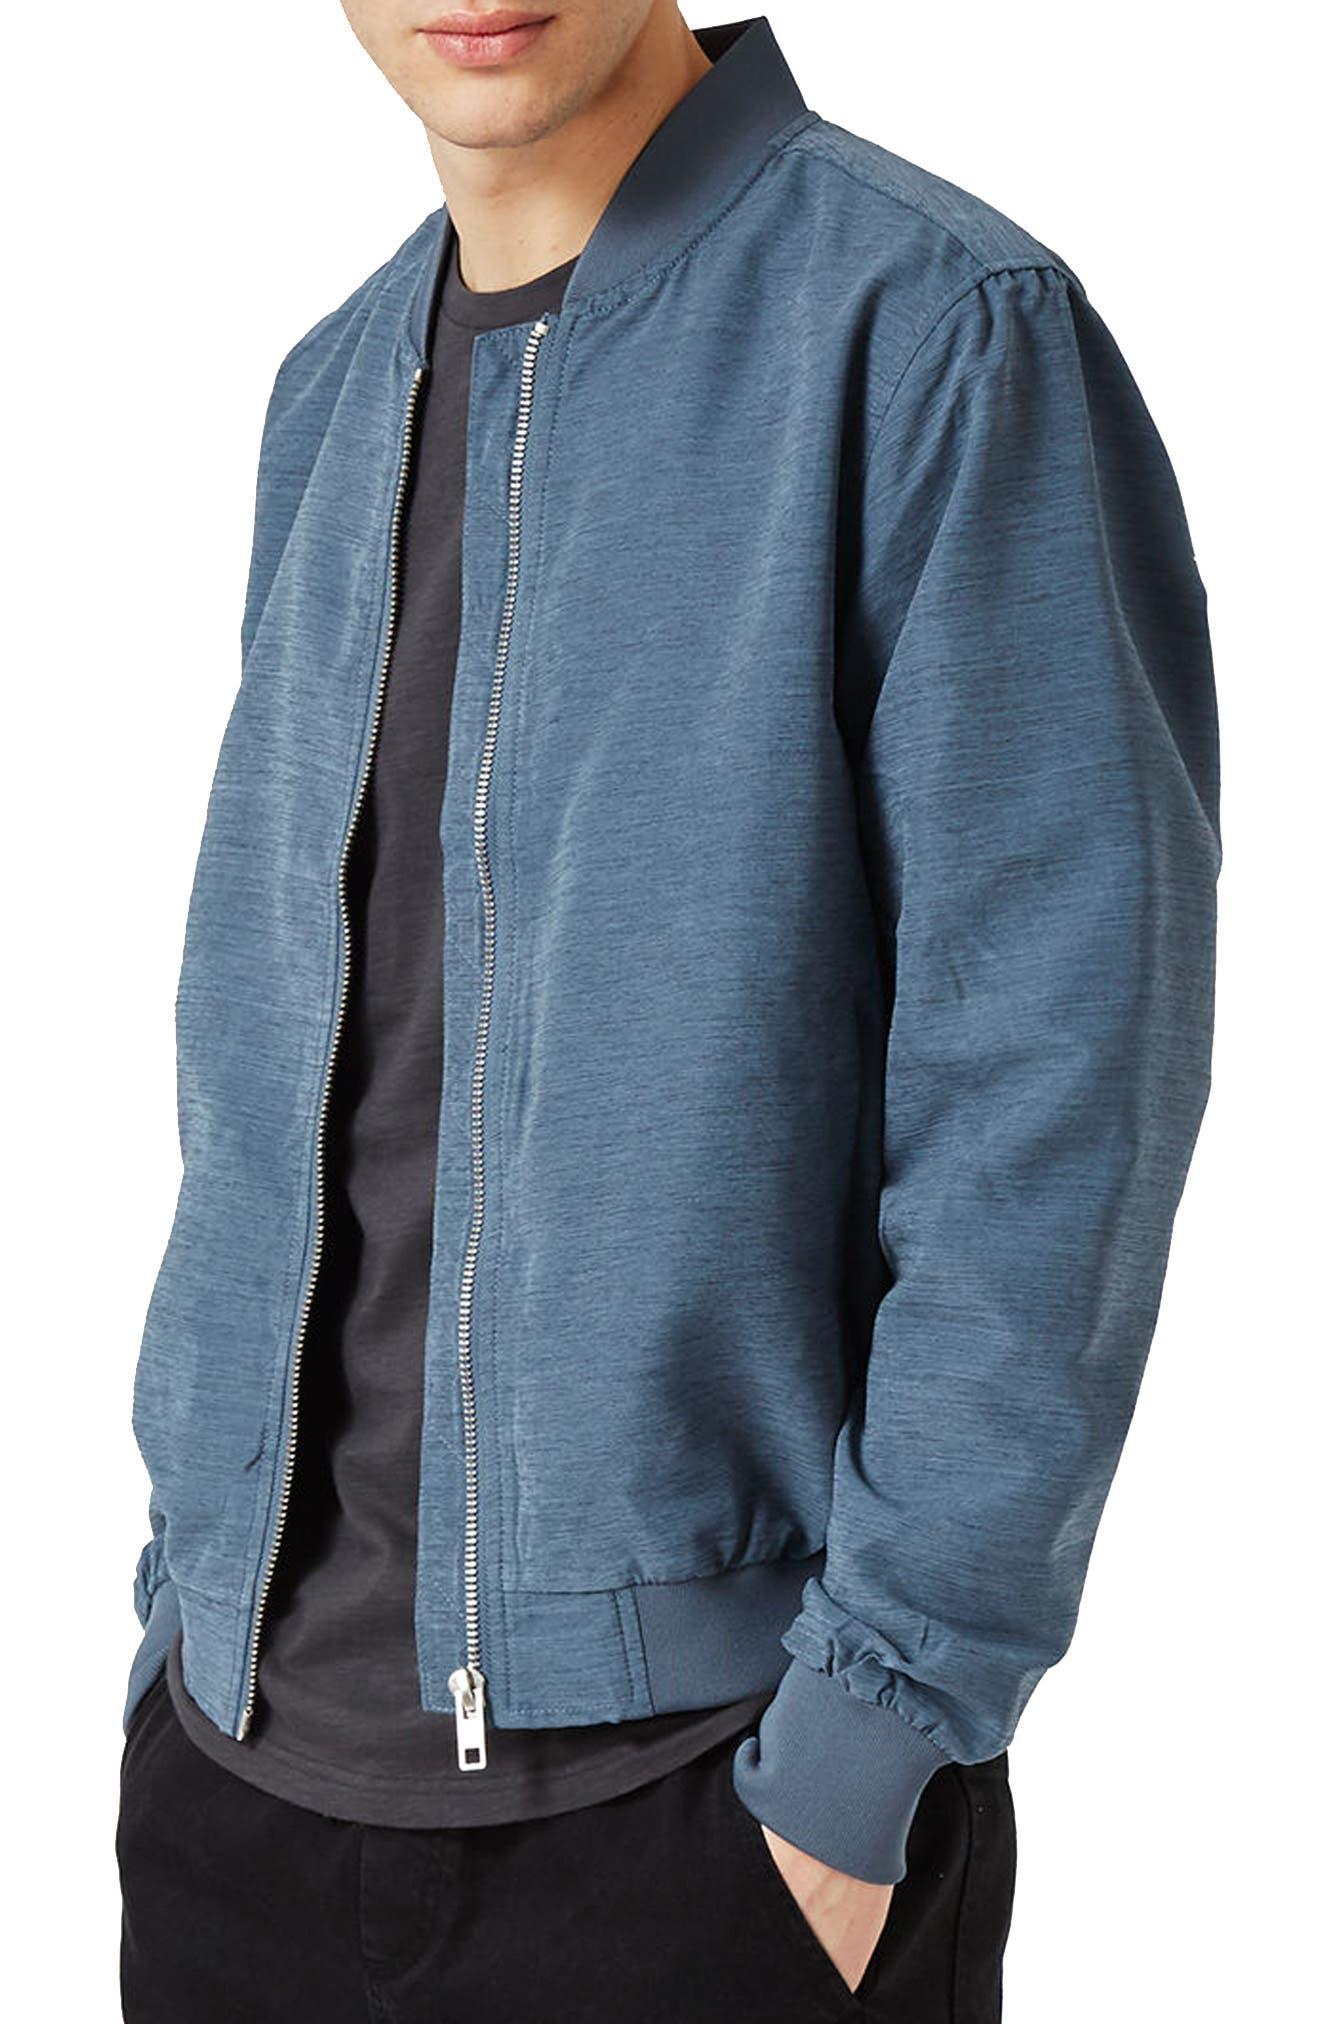 Topman Textured Bomber Jacket